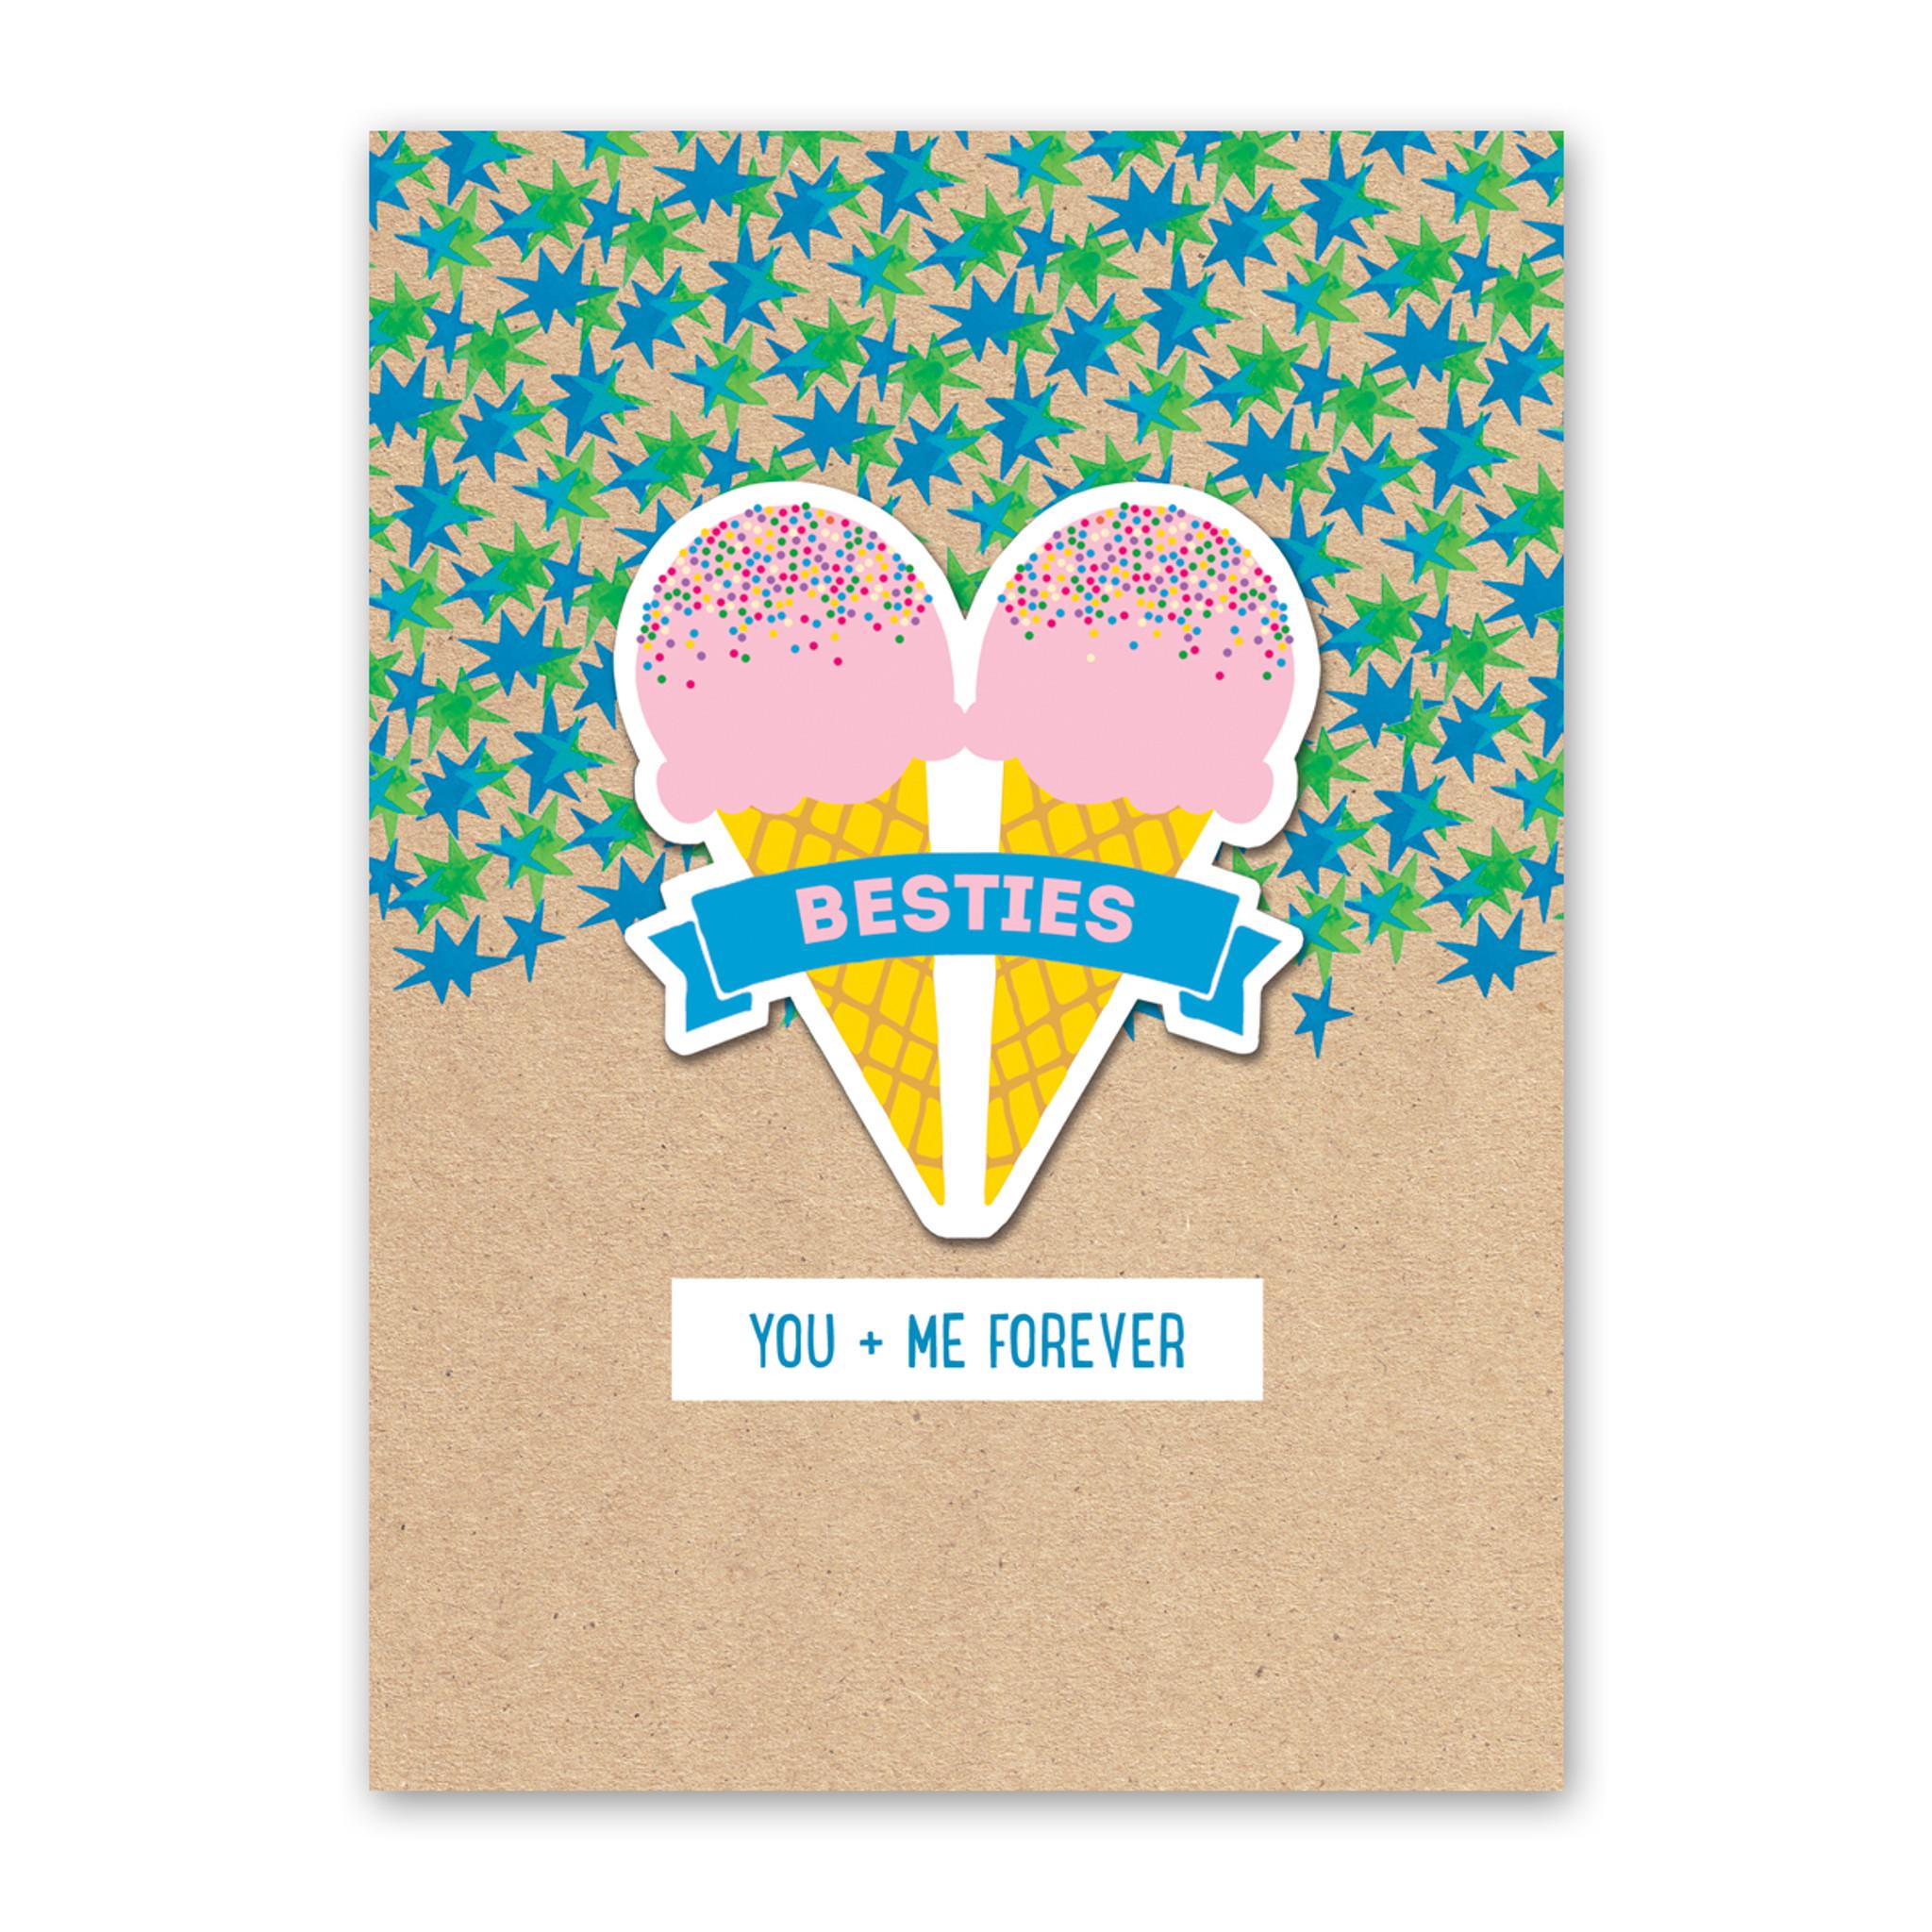 Besties Sticker Card